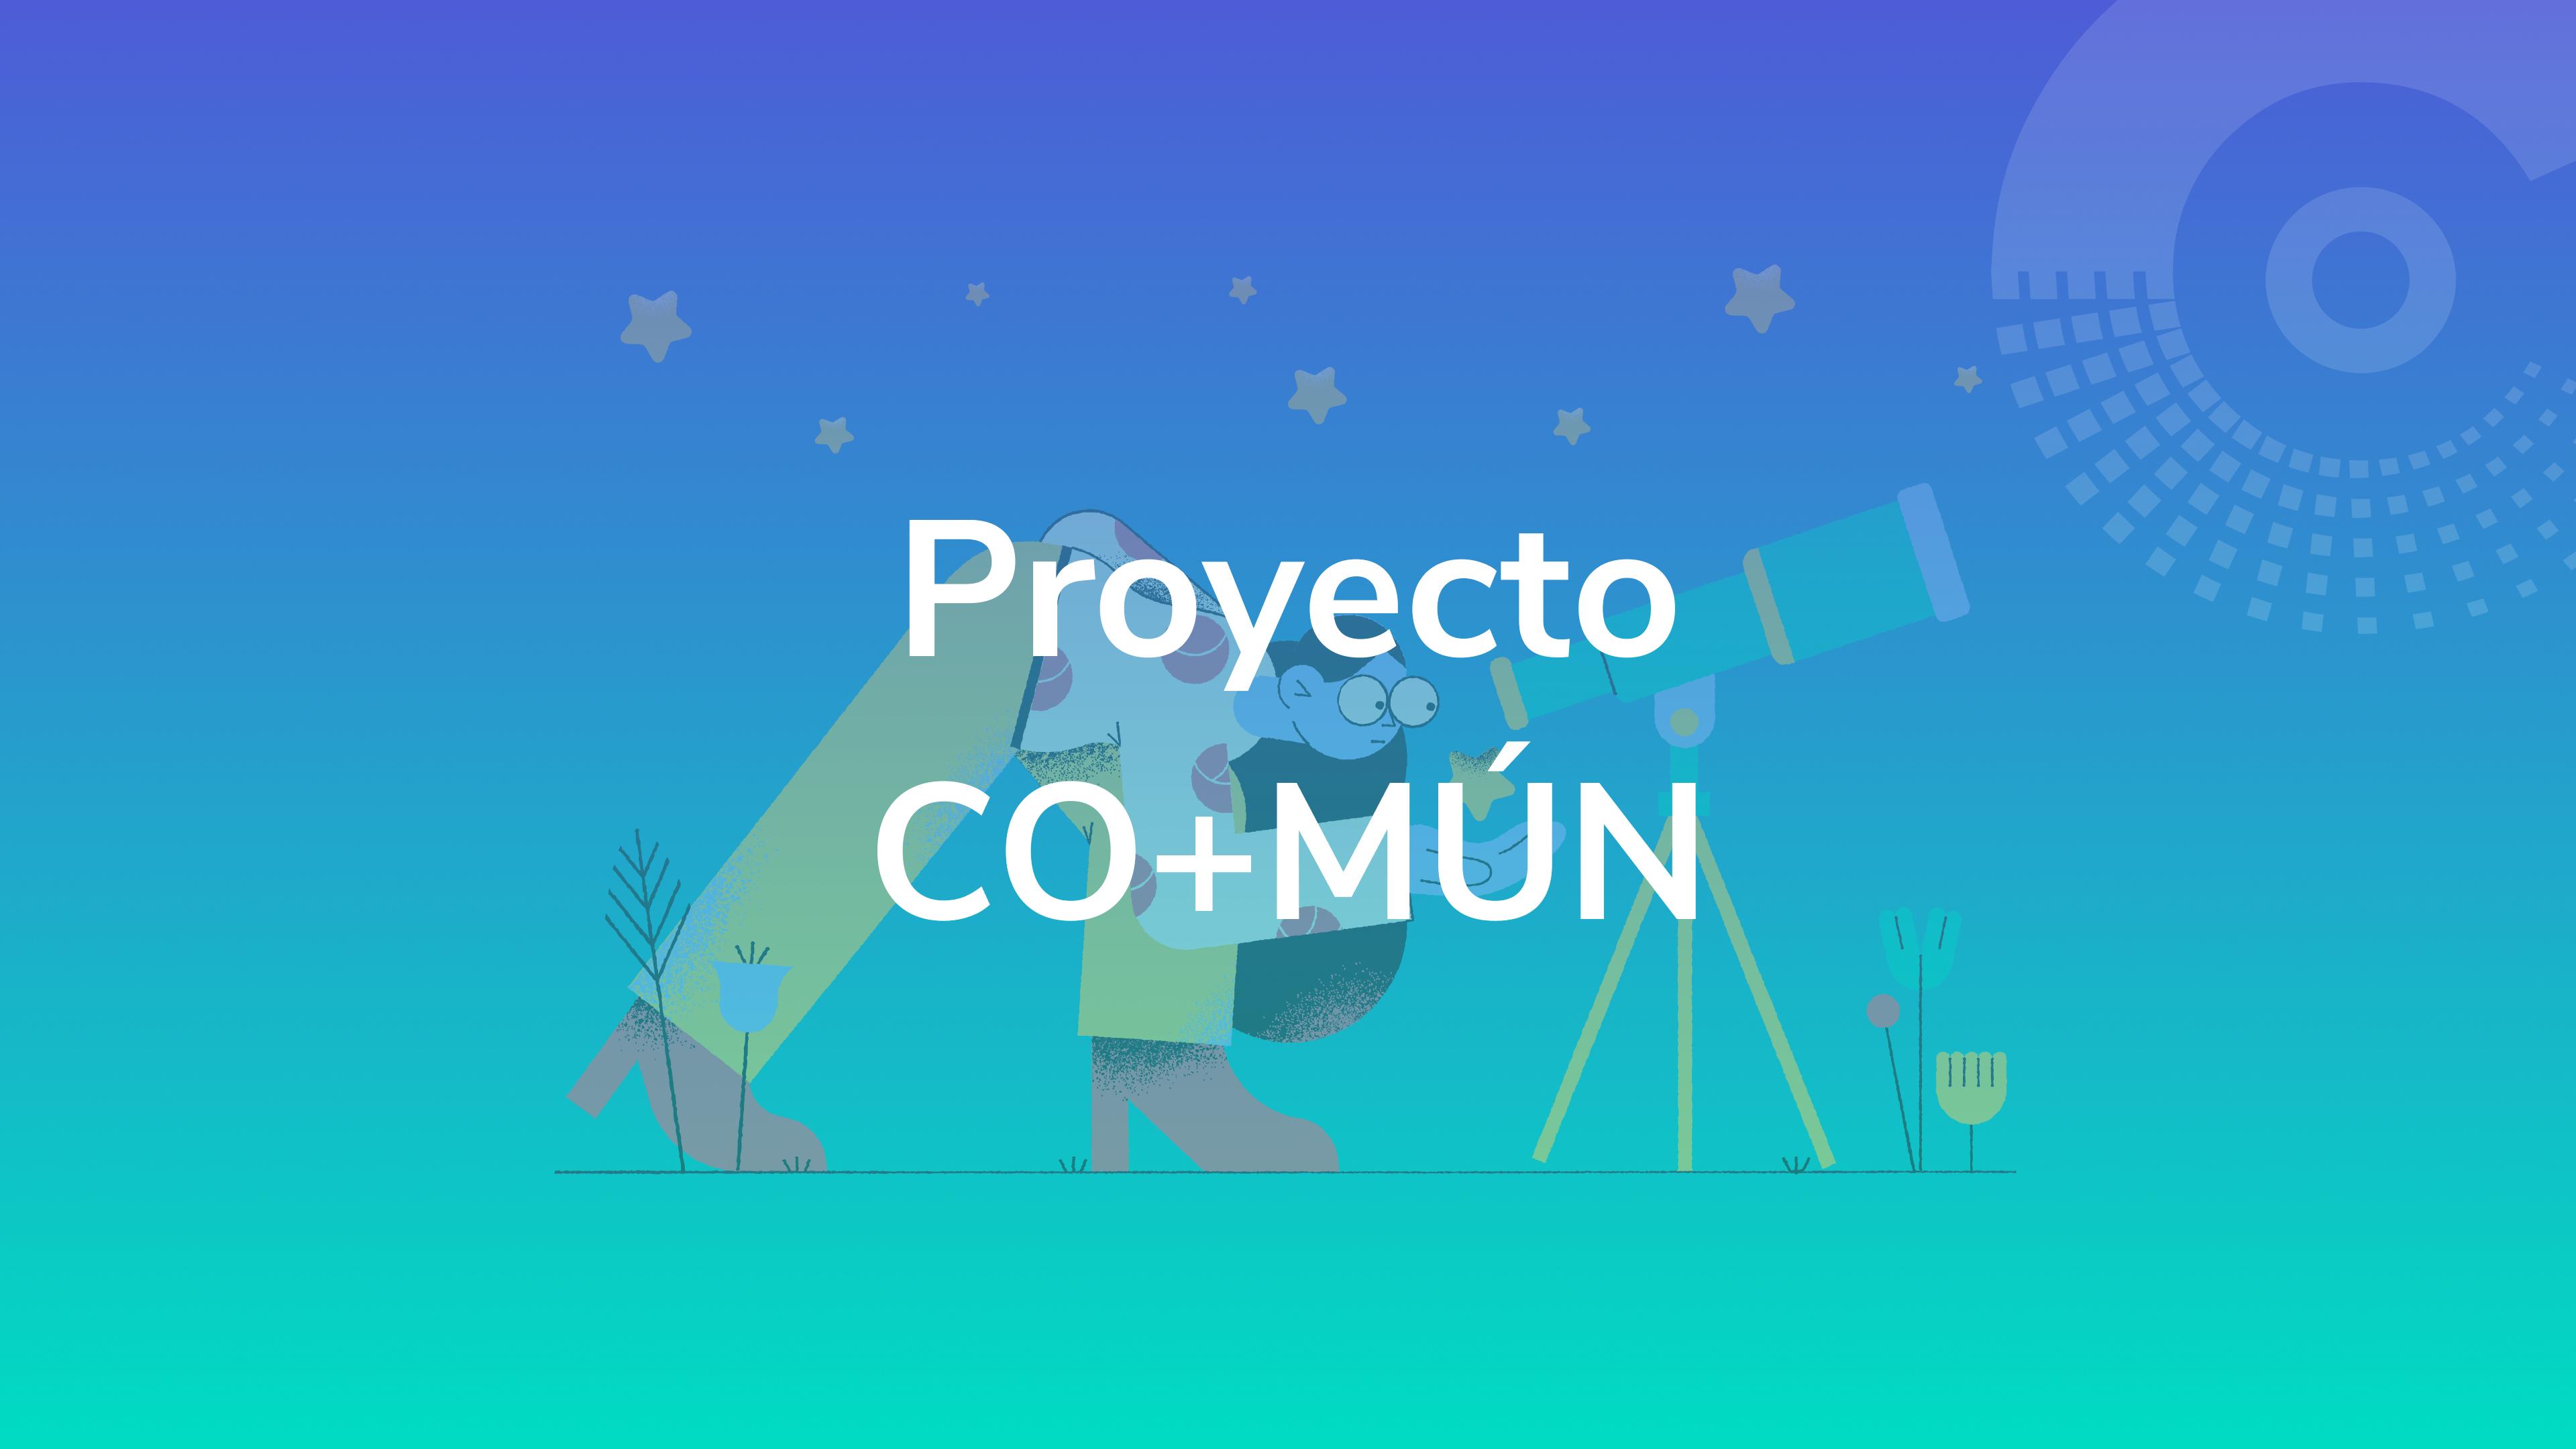 Proyectos_CO+MUN_T2